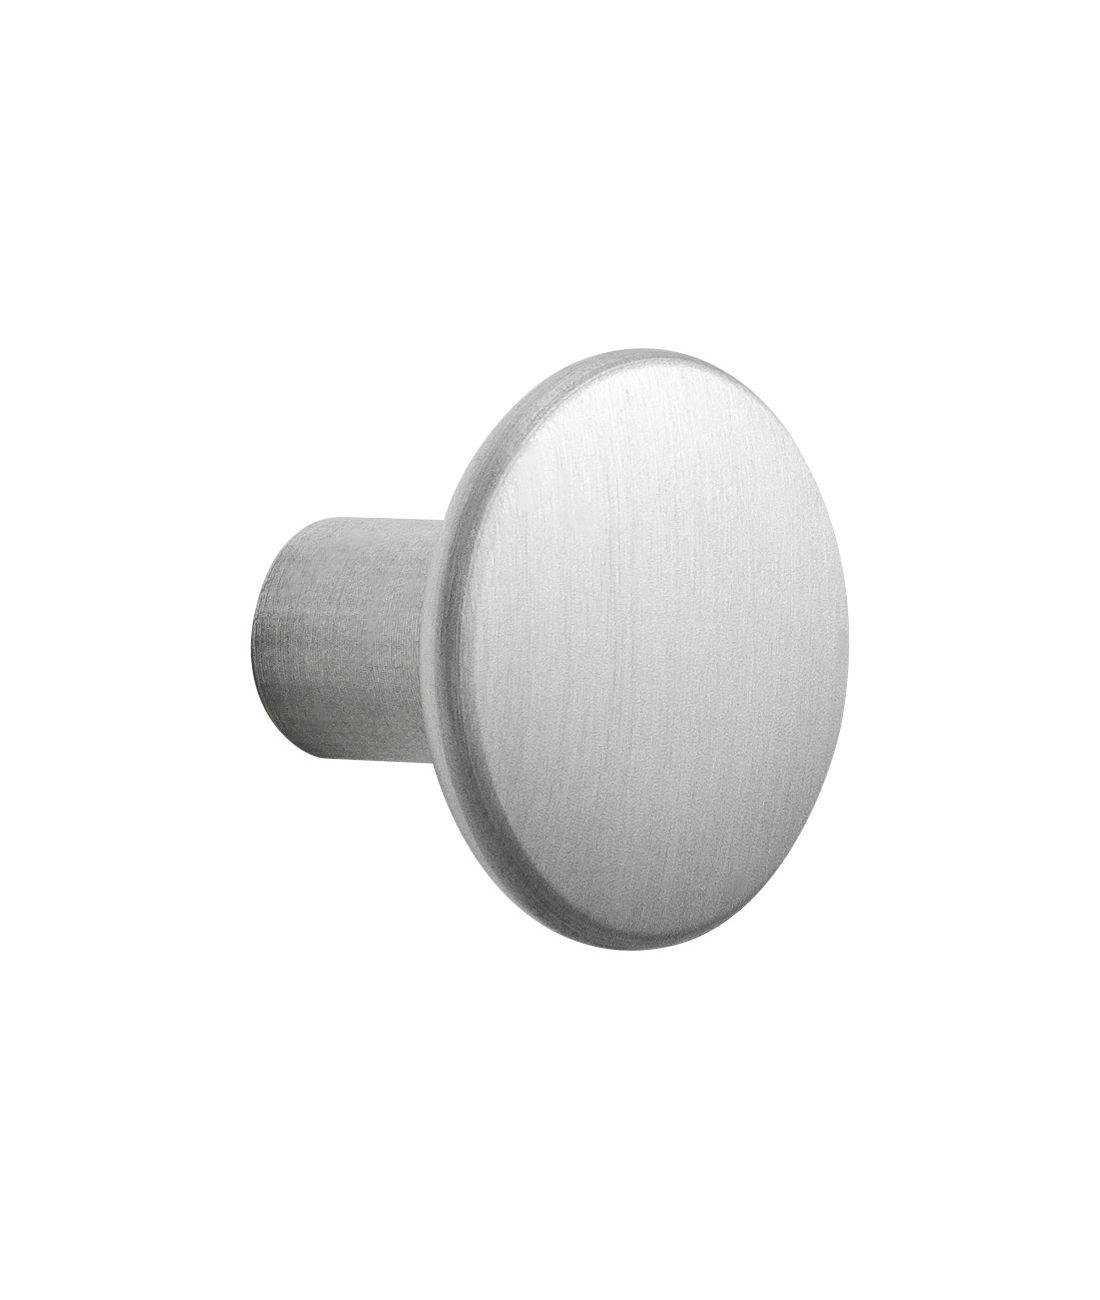 Arredamento - Appendiabiti  - Gancio The Dots Metal / Small - Ø 2,7 cm - Muuto - Alluminio - Alluminio